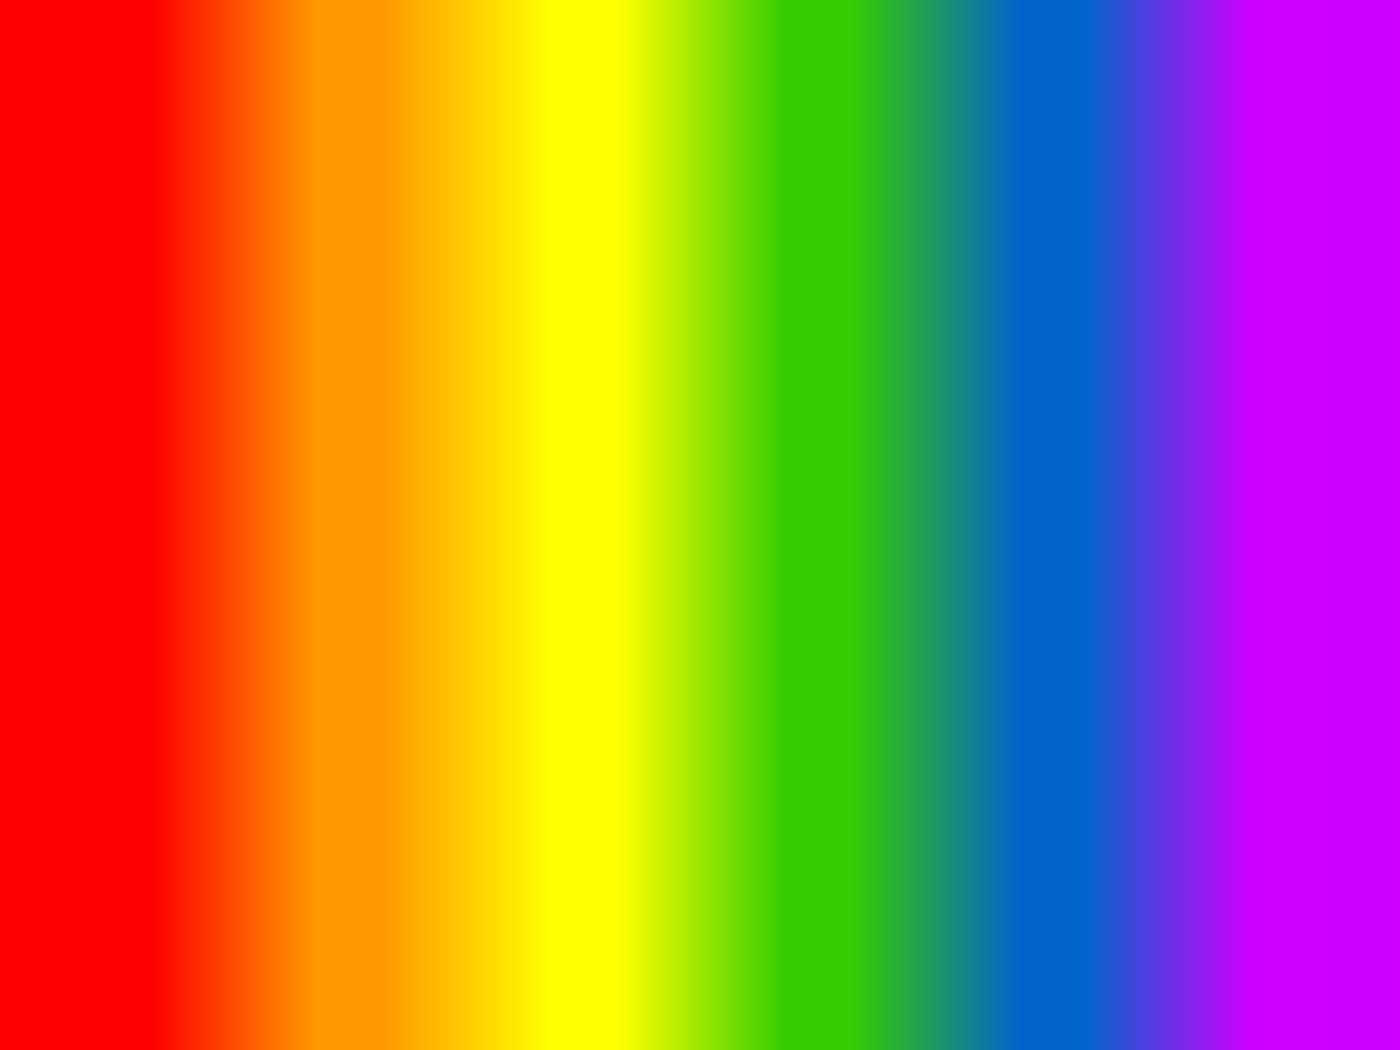 Regenbogen 7 Farben : regenbogen hintergrundbilder kostenlos ~ Watch28wear.com Haus und Dekorationen